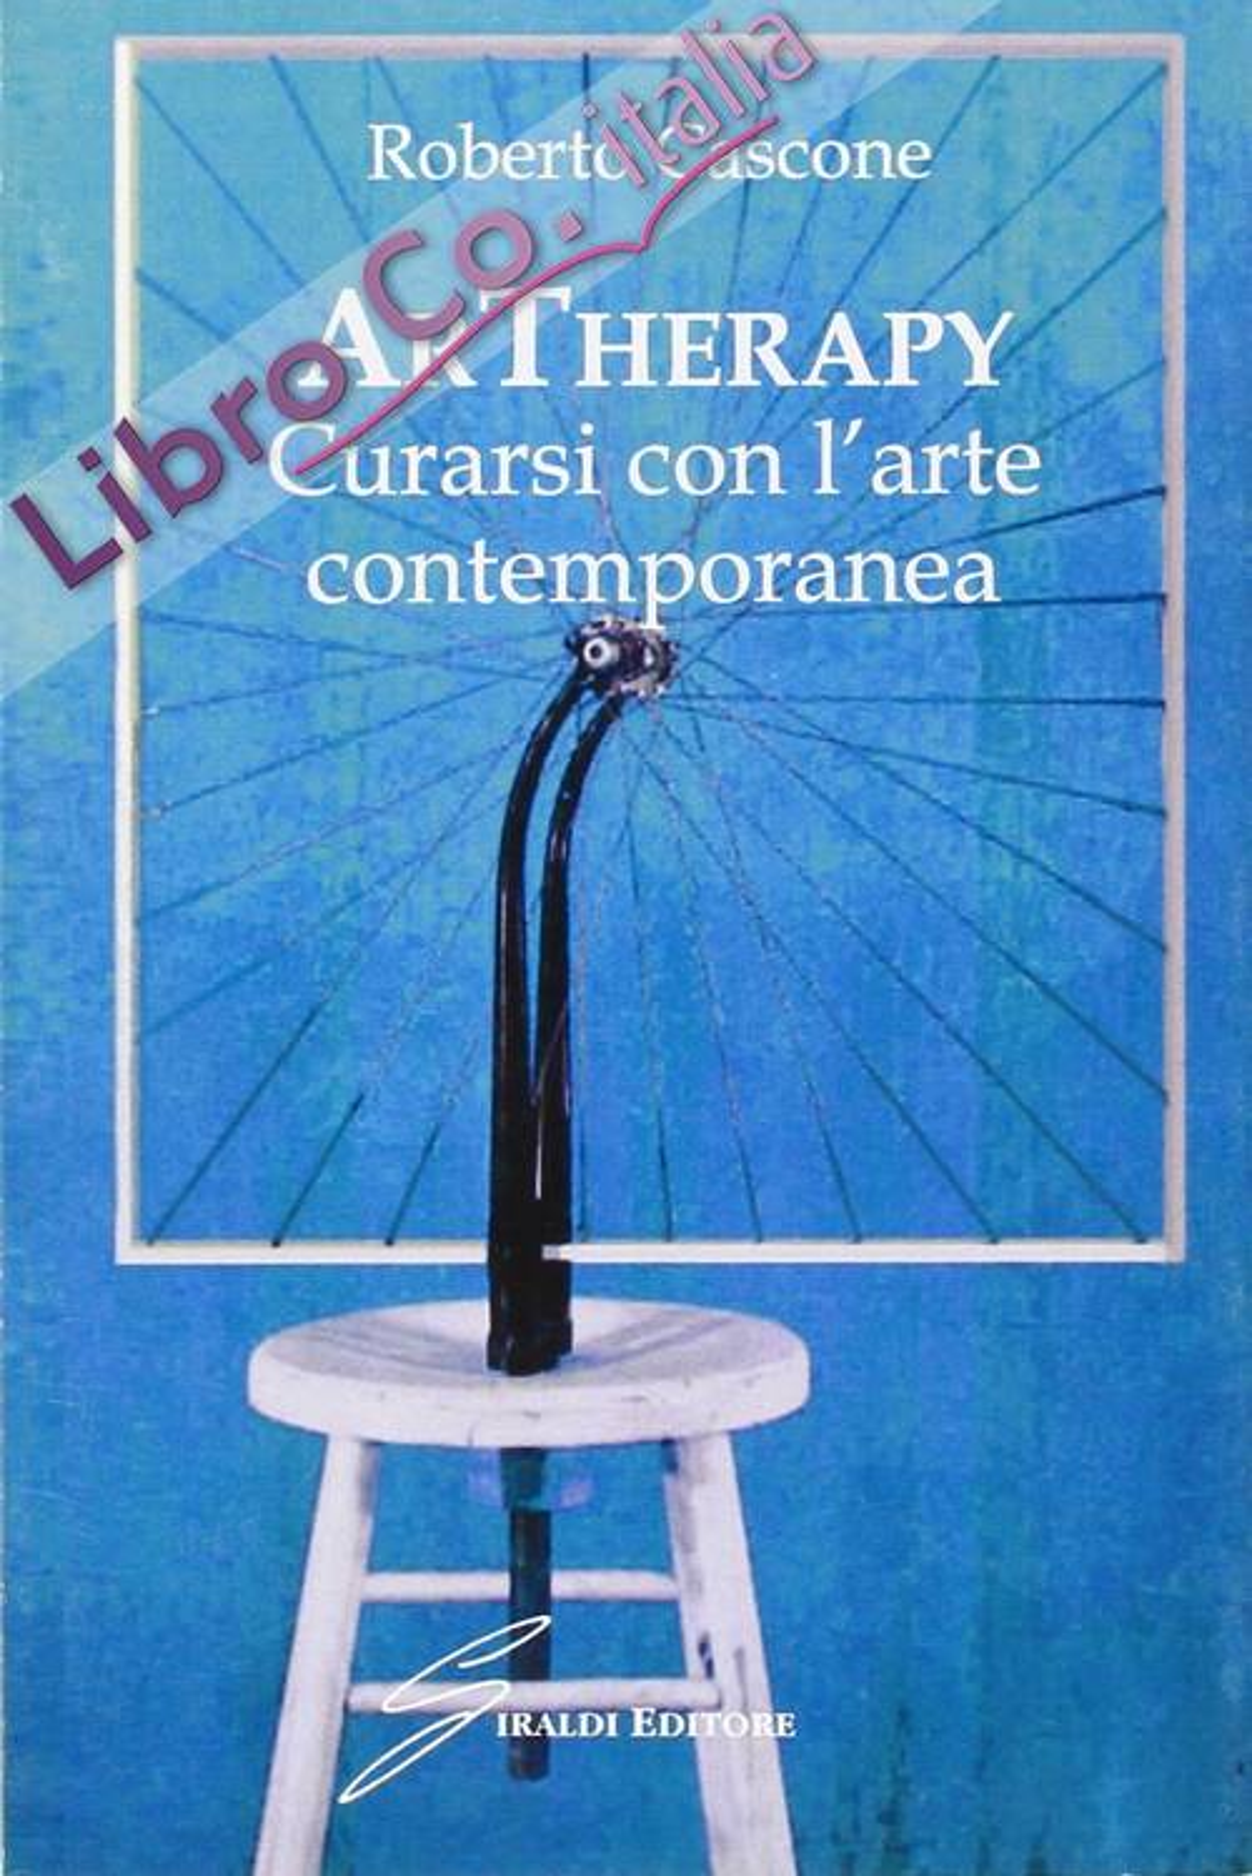 ArTherapy. Curarsi con l'arte contemporanea. Ediz. illustrata